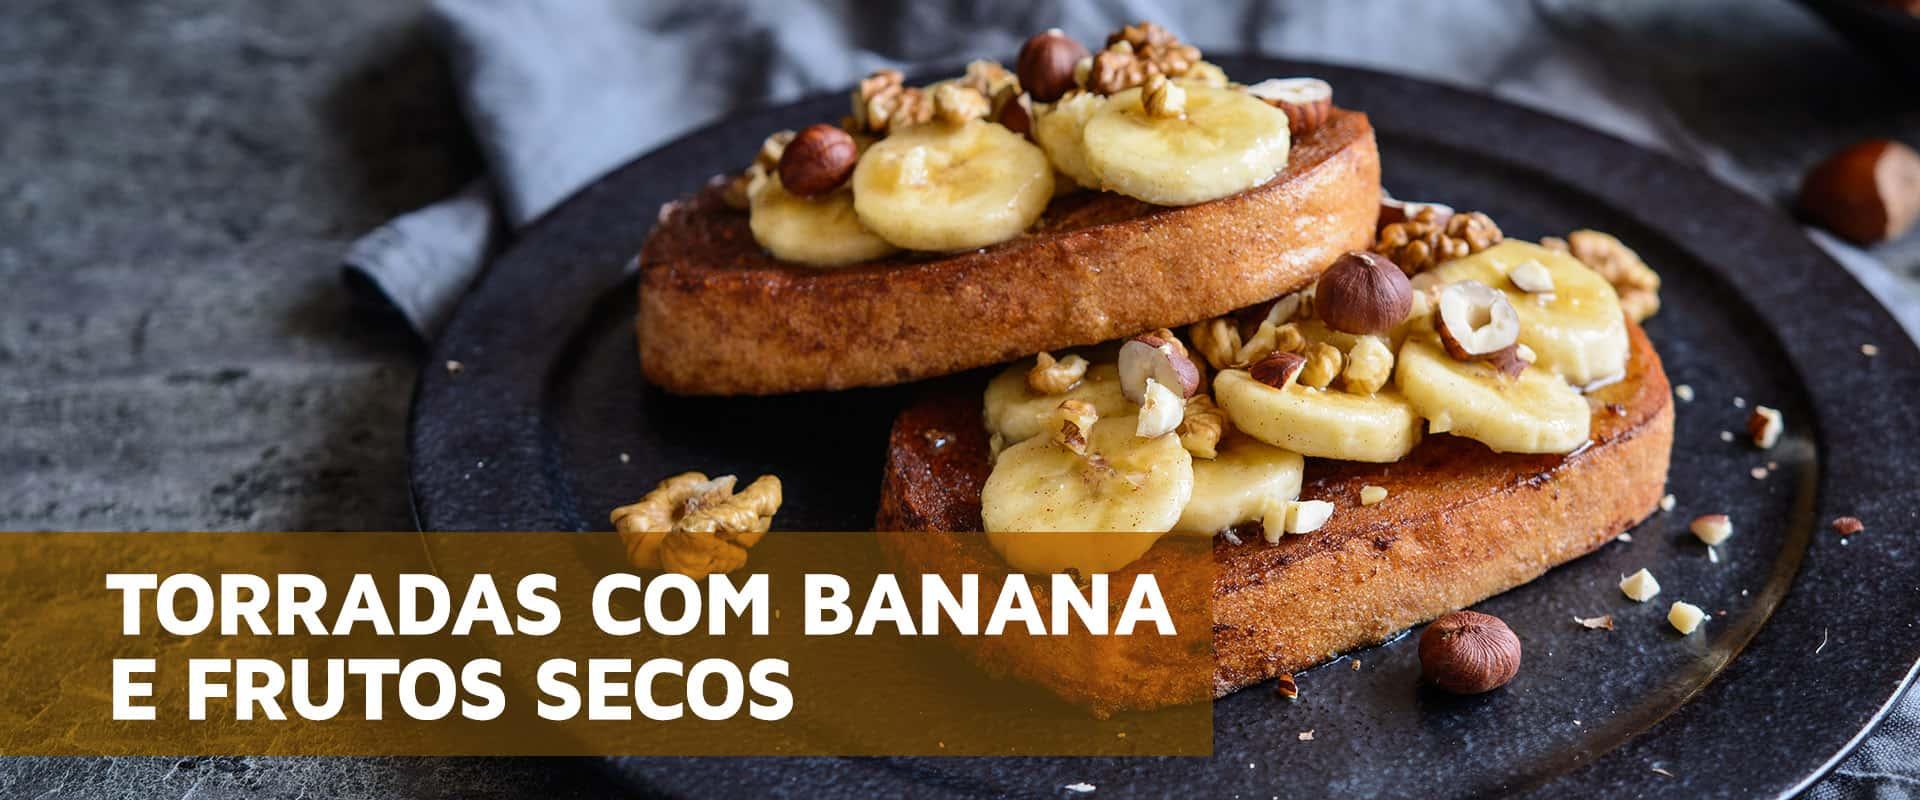 Torradas com banana e frutos secos